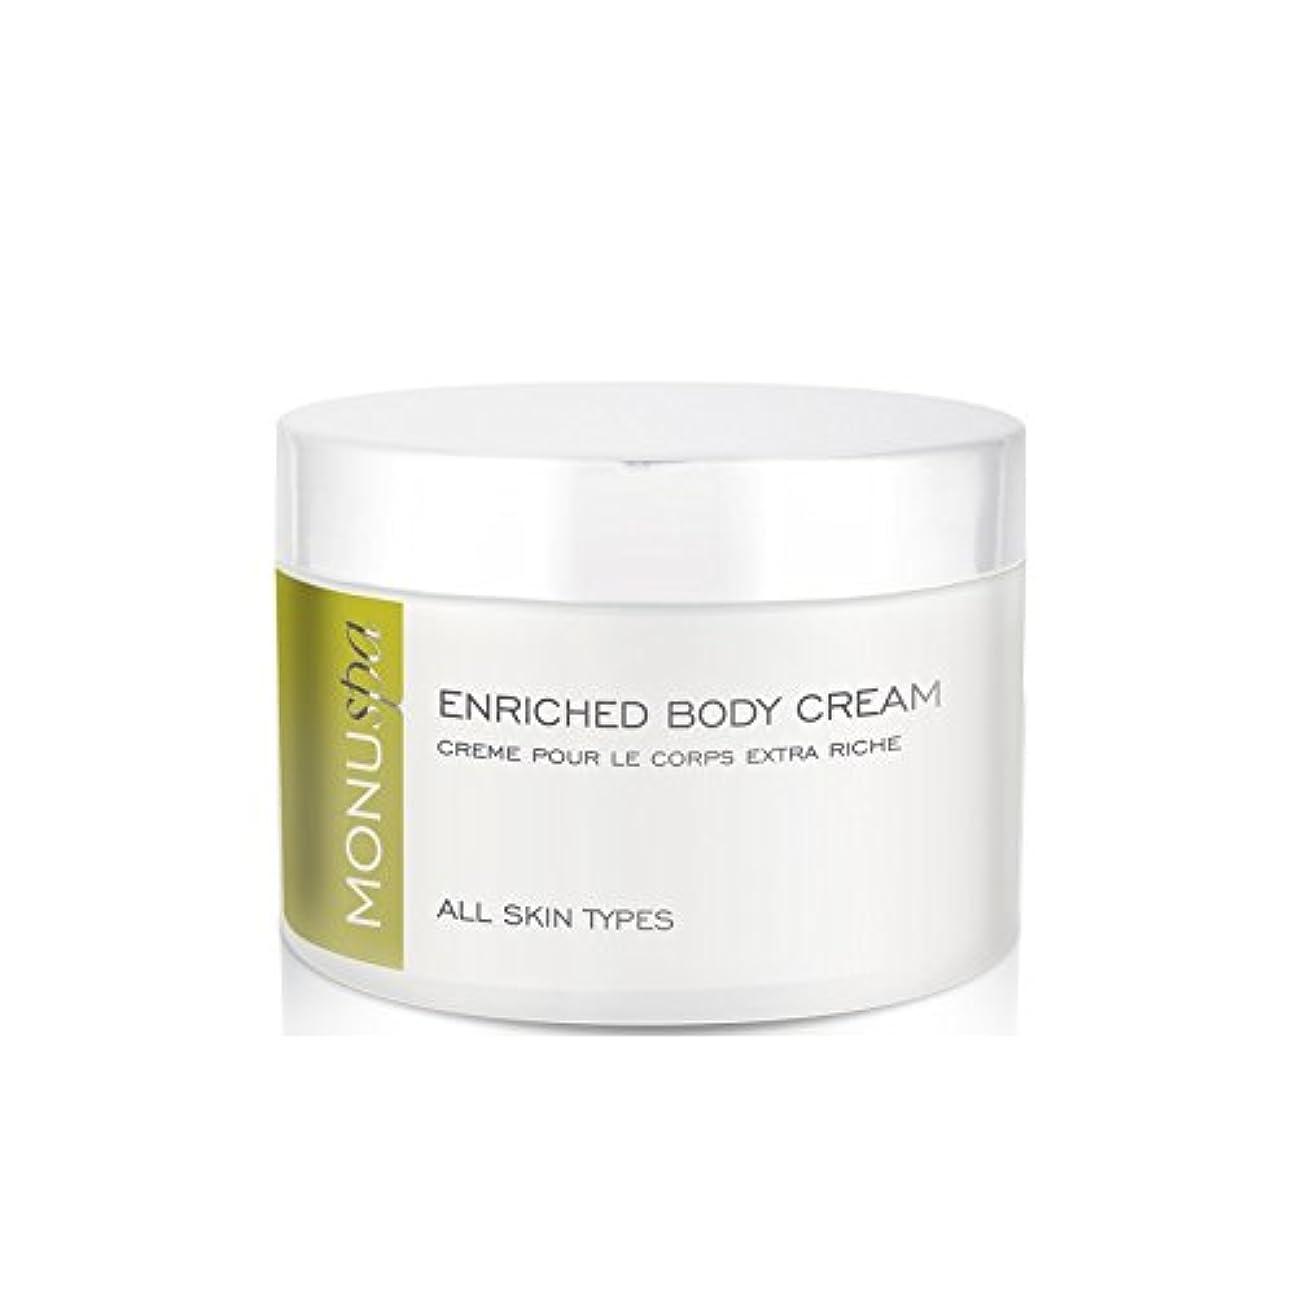 インフルエンザ報復没頭する濃縮ボディクリーム200ミリリットル x2 - MONUspa Enriched Body Cream 200ml (Pack of 2) [並行輸入品]